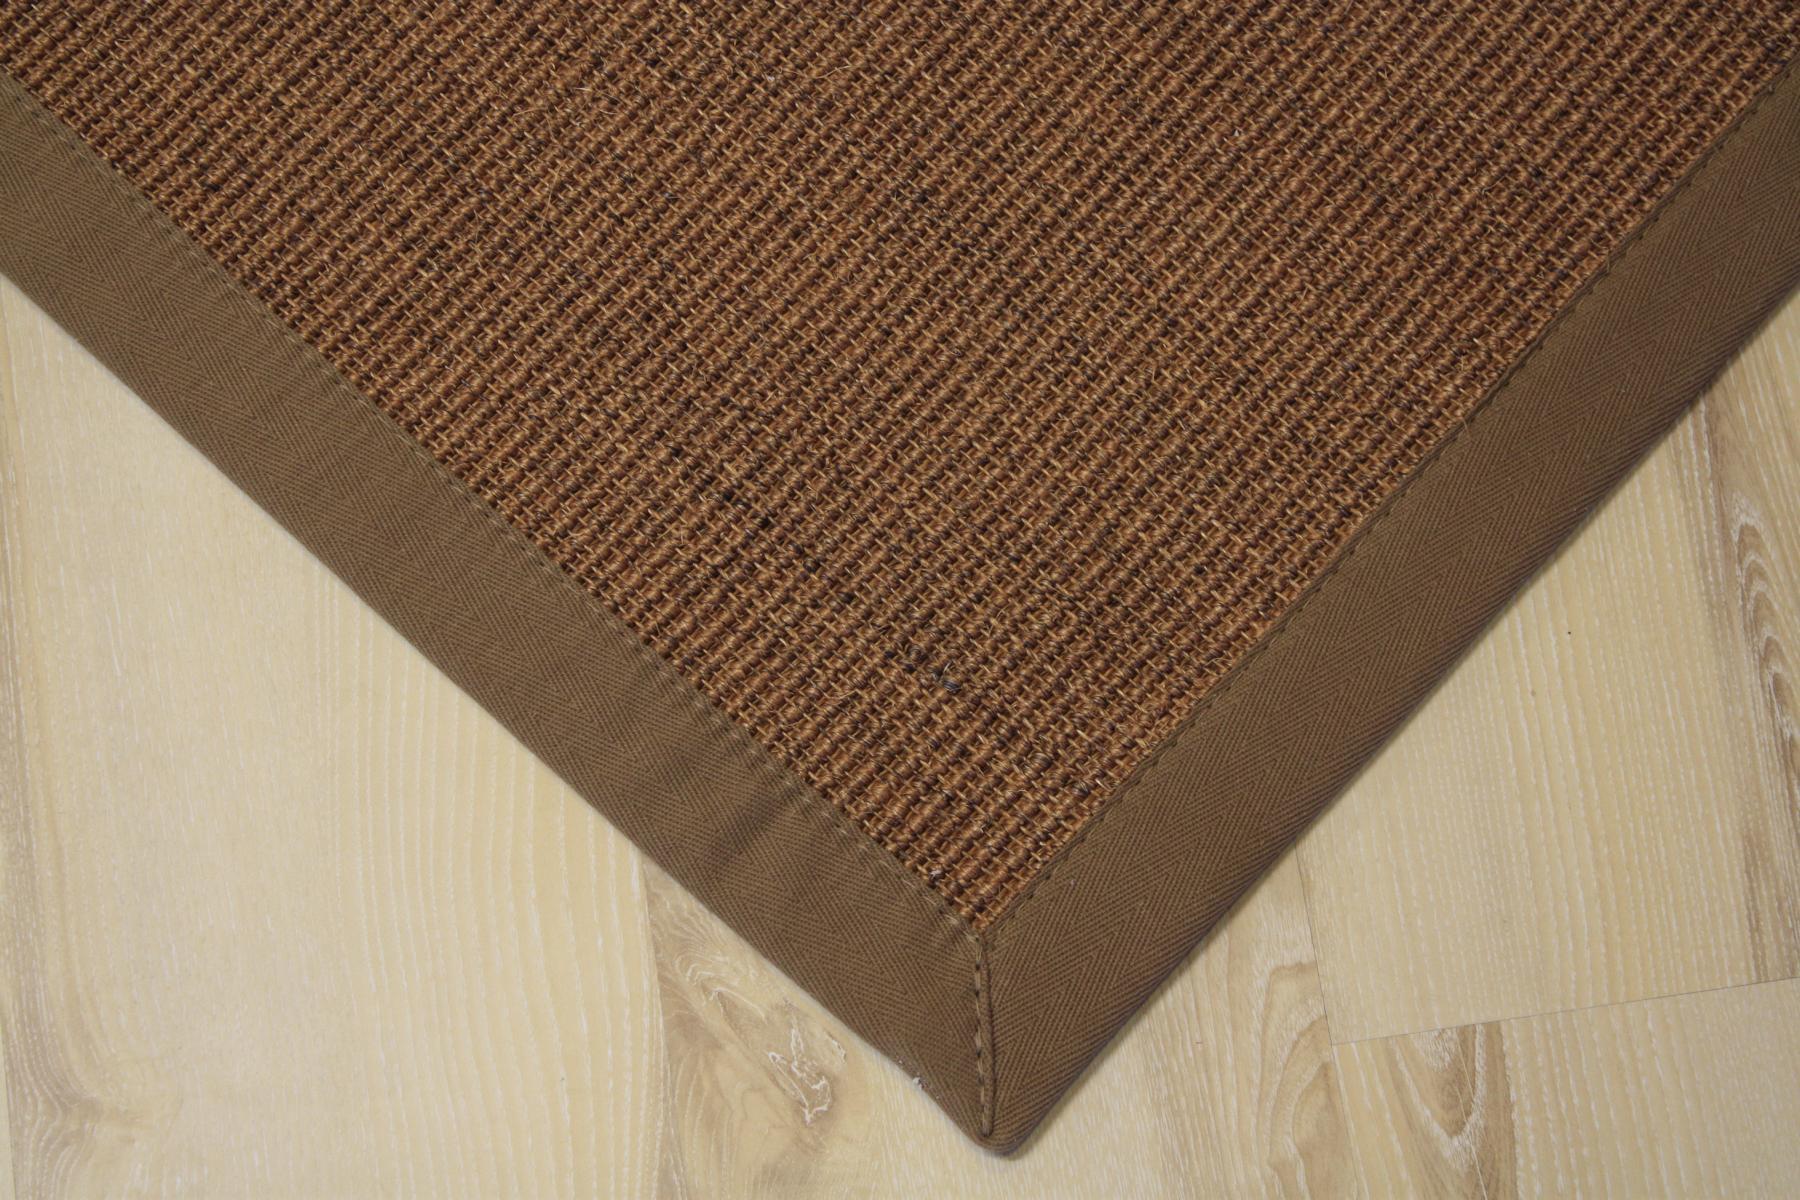 Full Size of Sisal Teppich Manaus Mit Bordre Nuss 300x400 Cm 100 Küche Esstisch Bad Steinteppich Wohnzimmer Badezimmer Teppiche Für Schlafzimmer Wohnzimmer Teppich 300x400